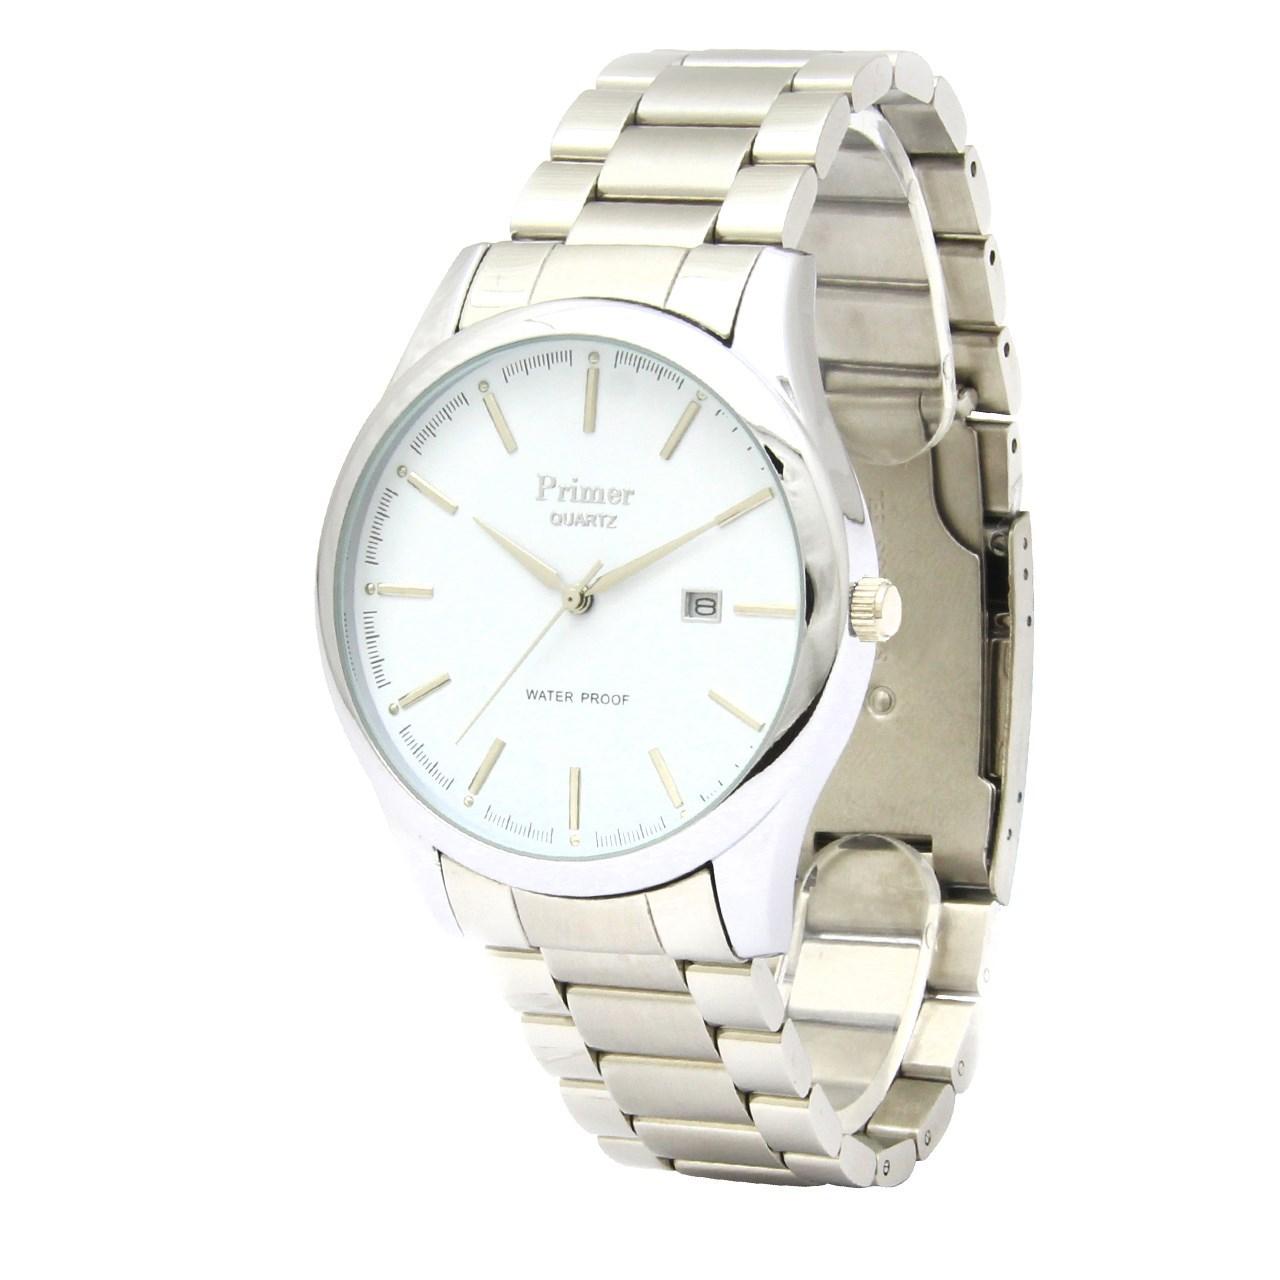 ساعت مچی عقربه ای مردانه پرایمر مدل PM-83425G-s-white